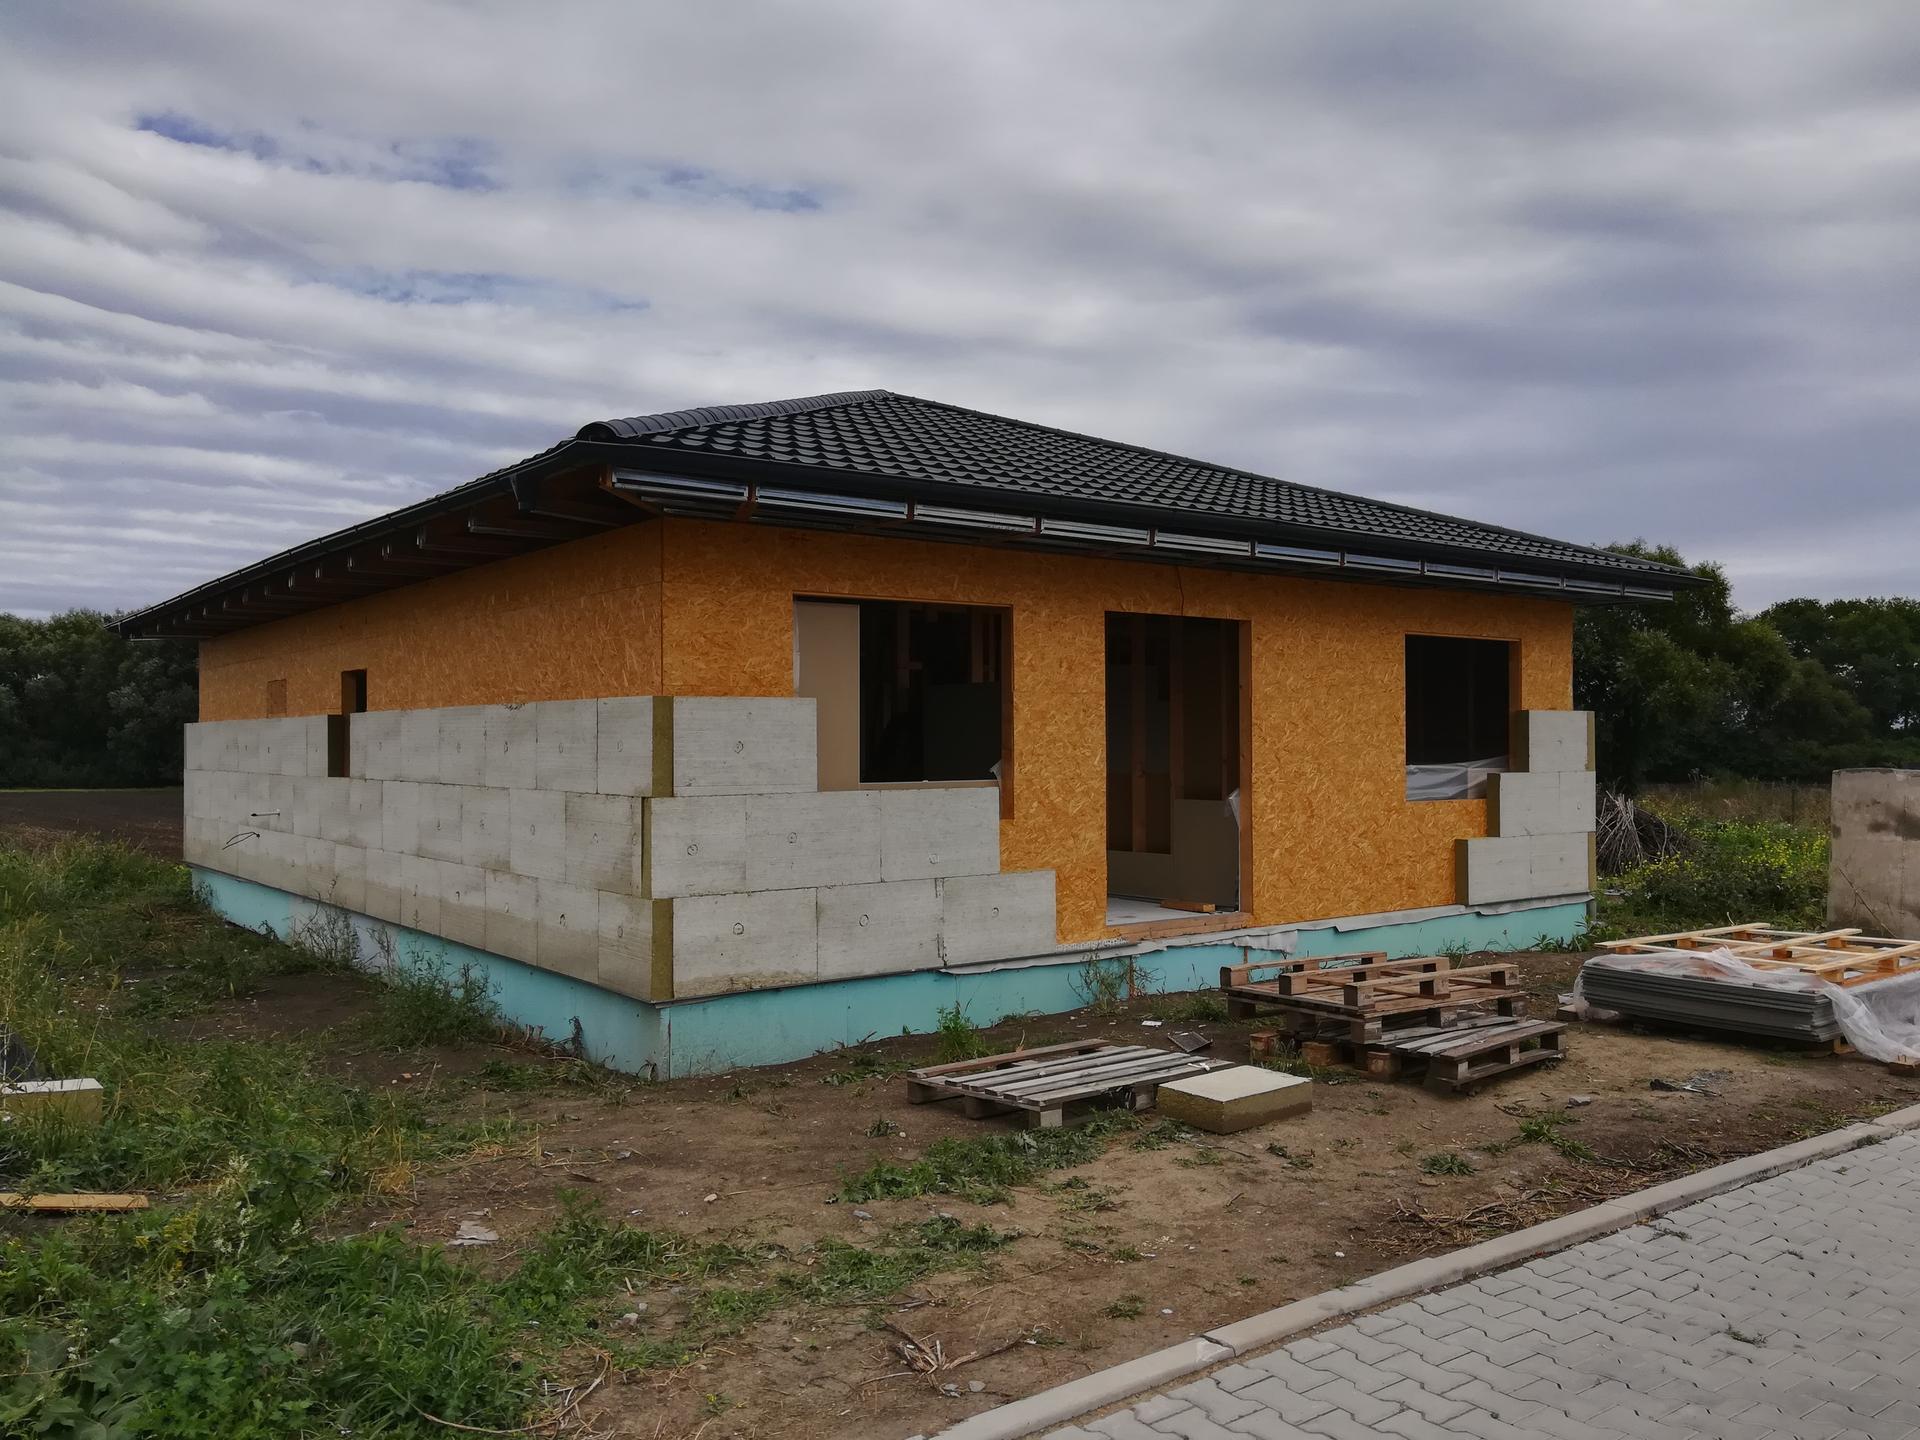 Pomalu začínáme stavět - 29.8.2020 začíná se s venkovní izolací...jen ty okna furt nejsou